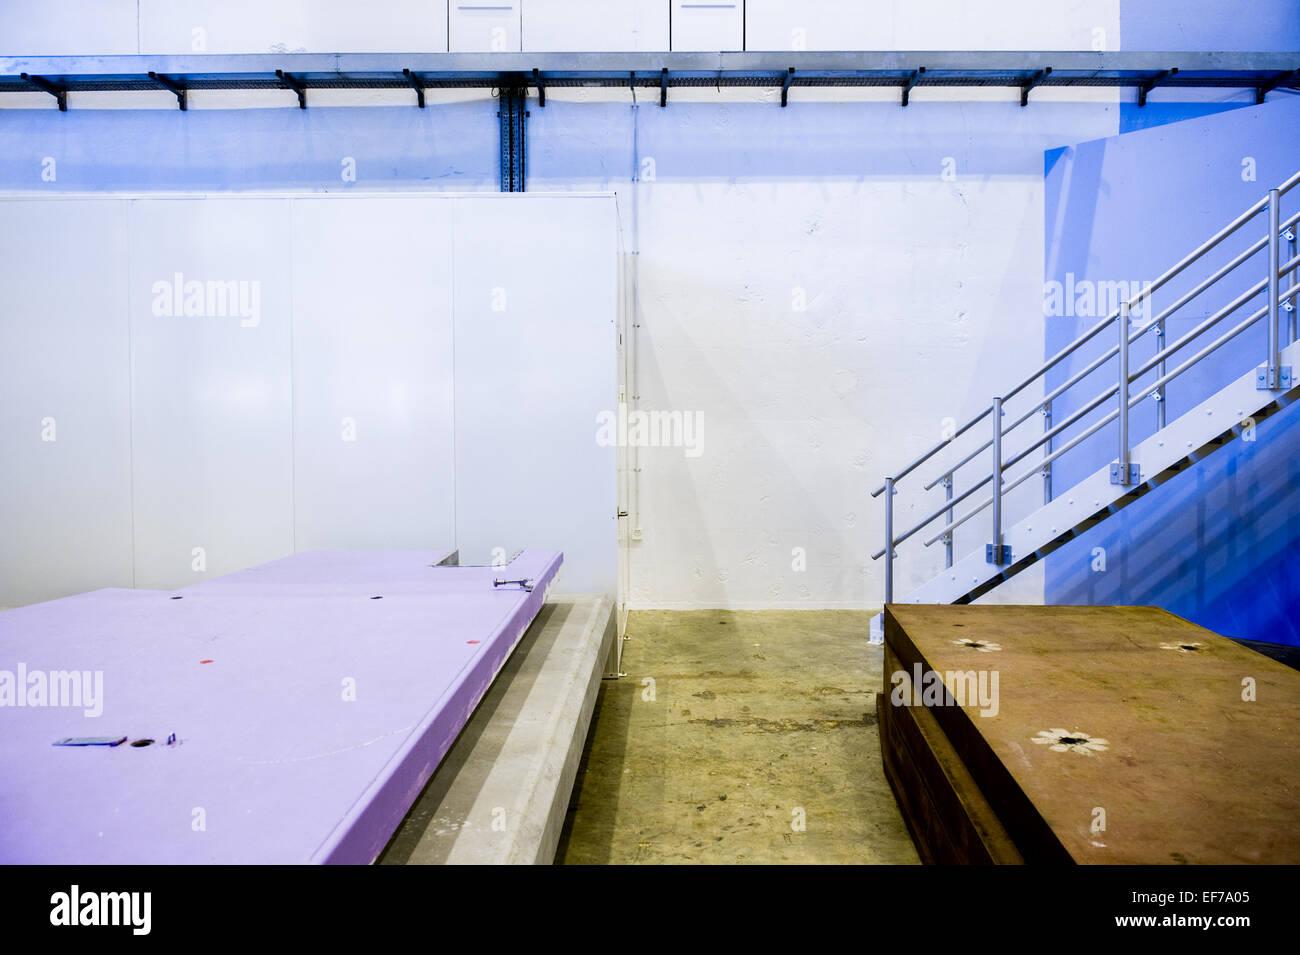 Couleurs et formes graphiques pour station de base cible 1 ISIS à Harwell Science and Innovation Centre, Oxfordshire, Photo Stock